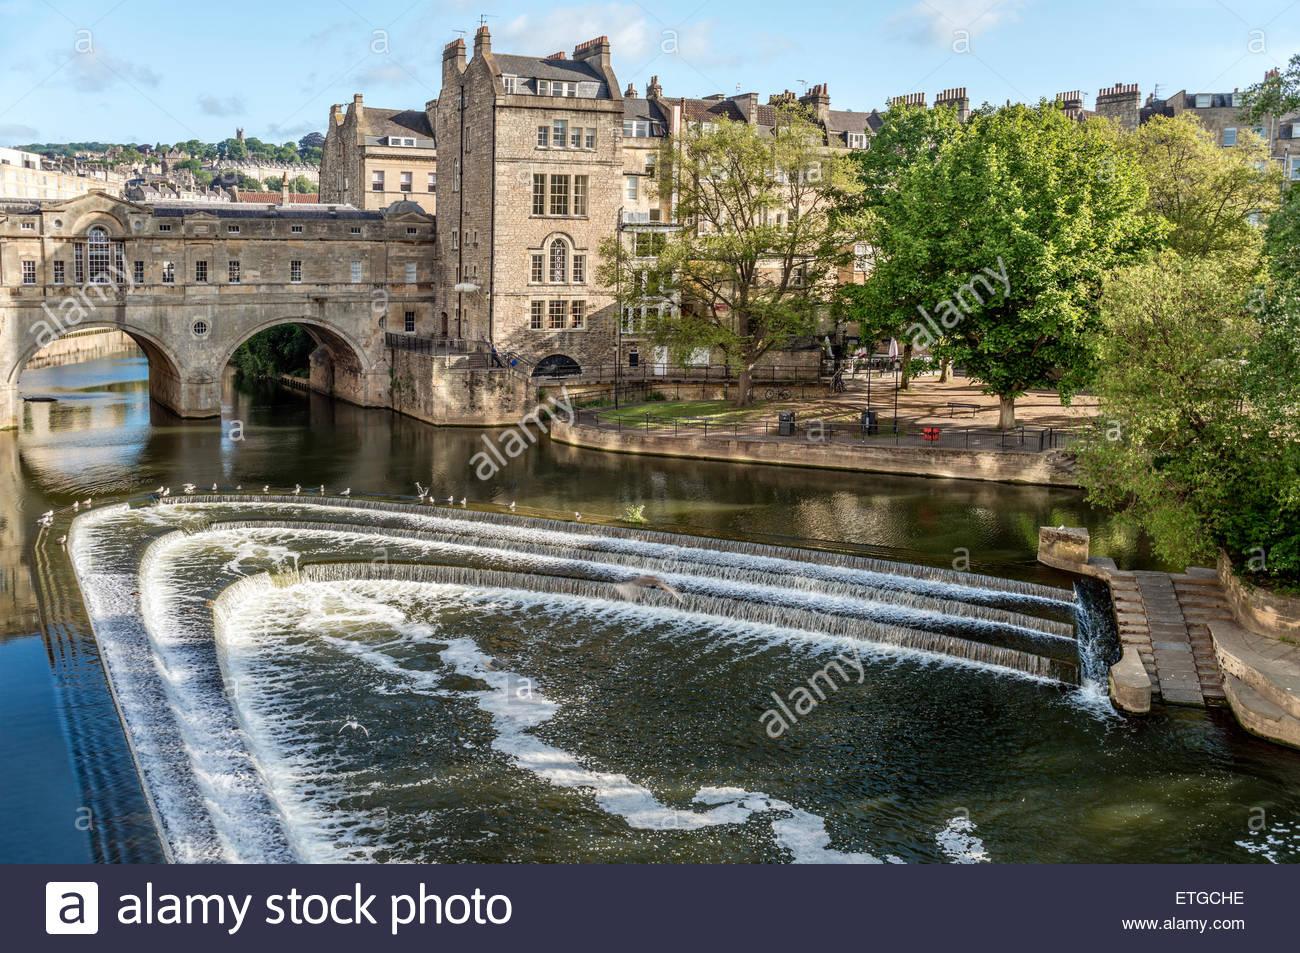 Pulteney Bridge sur la rivière Avon vu de la Parade Square, Bath, Somerset, Angleterre | Pulteney Bridge ueber Photo Stock